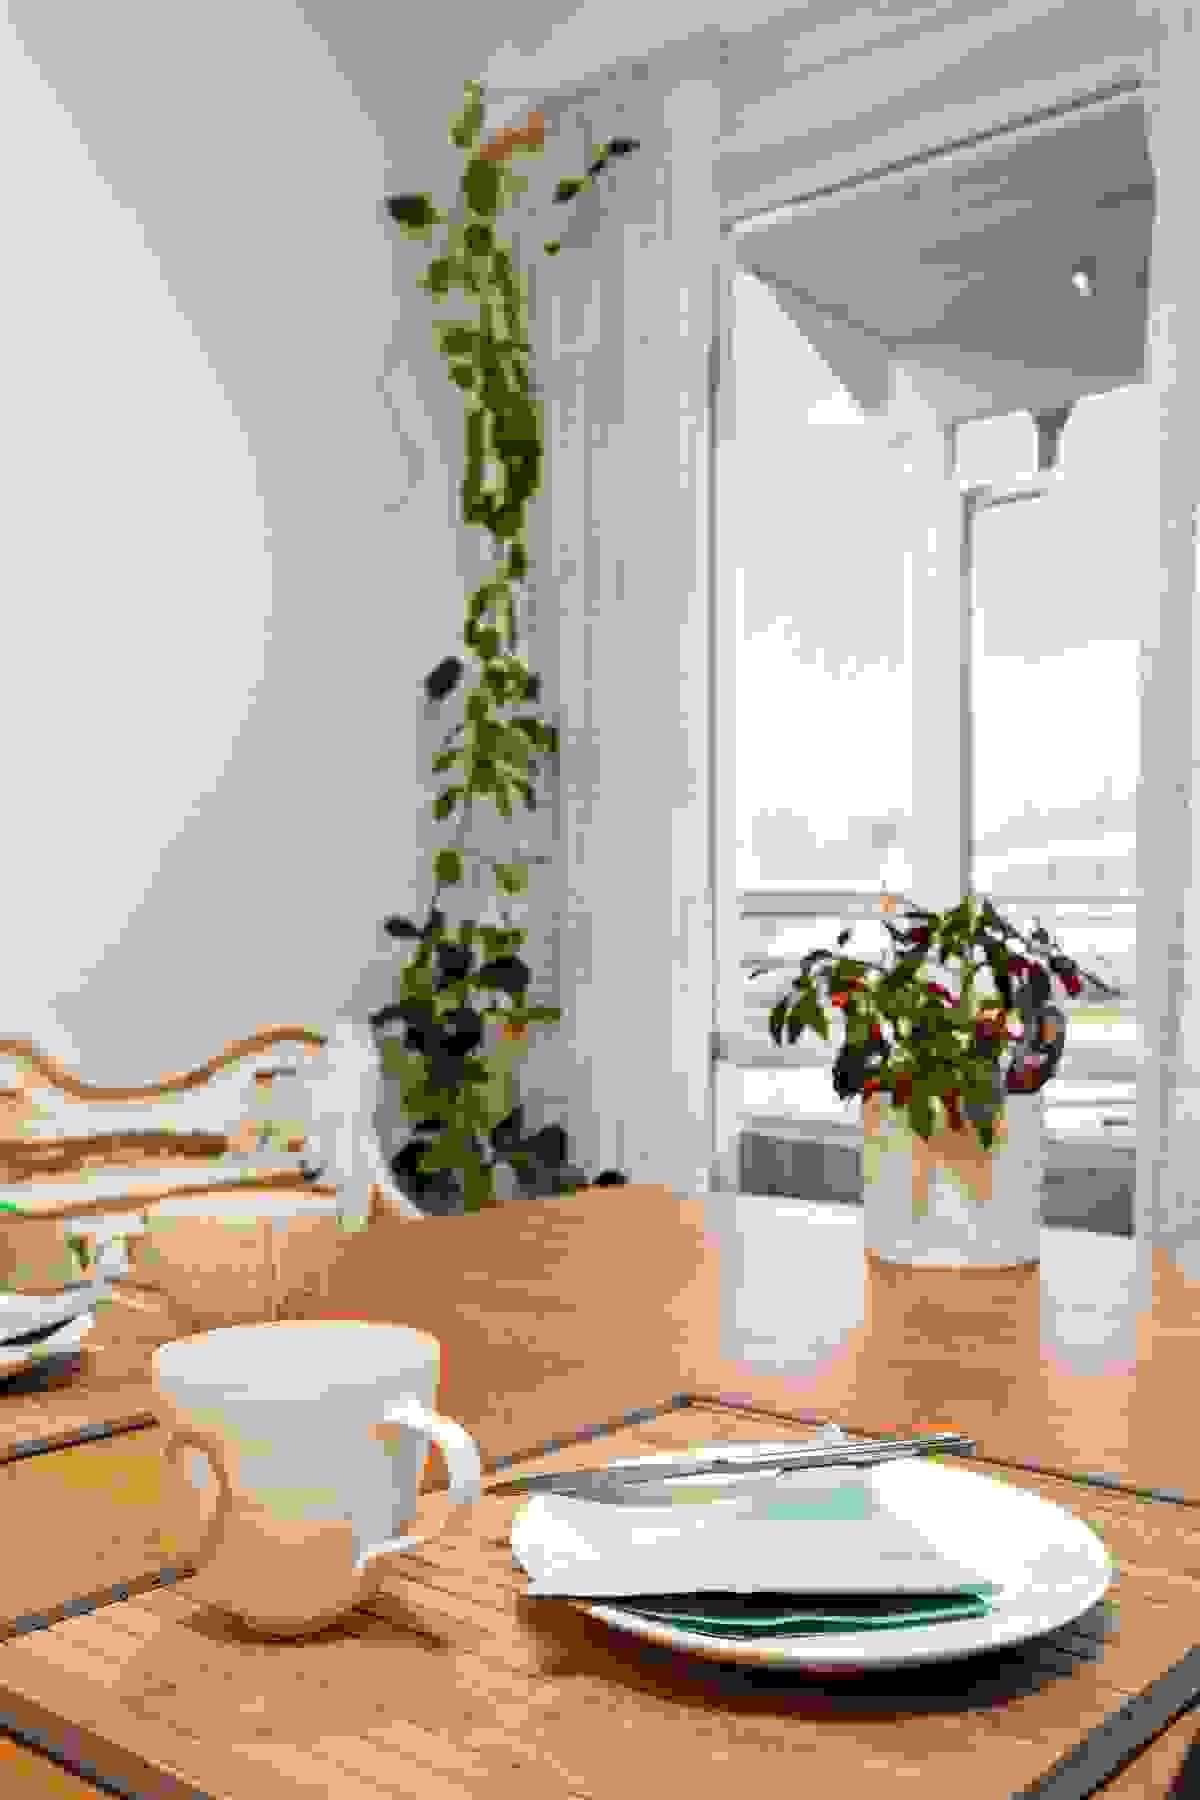 Fra spiseplassen har man hyggelig utsyn mot hagen